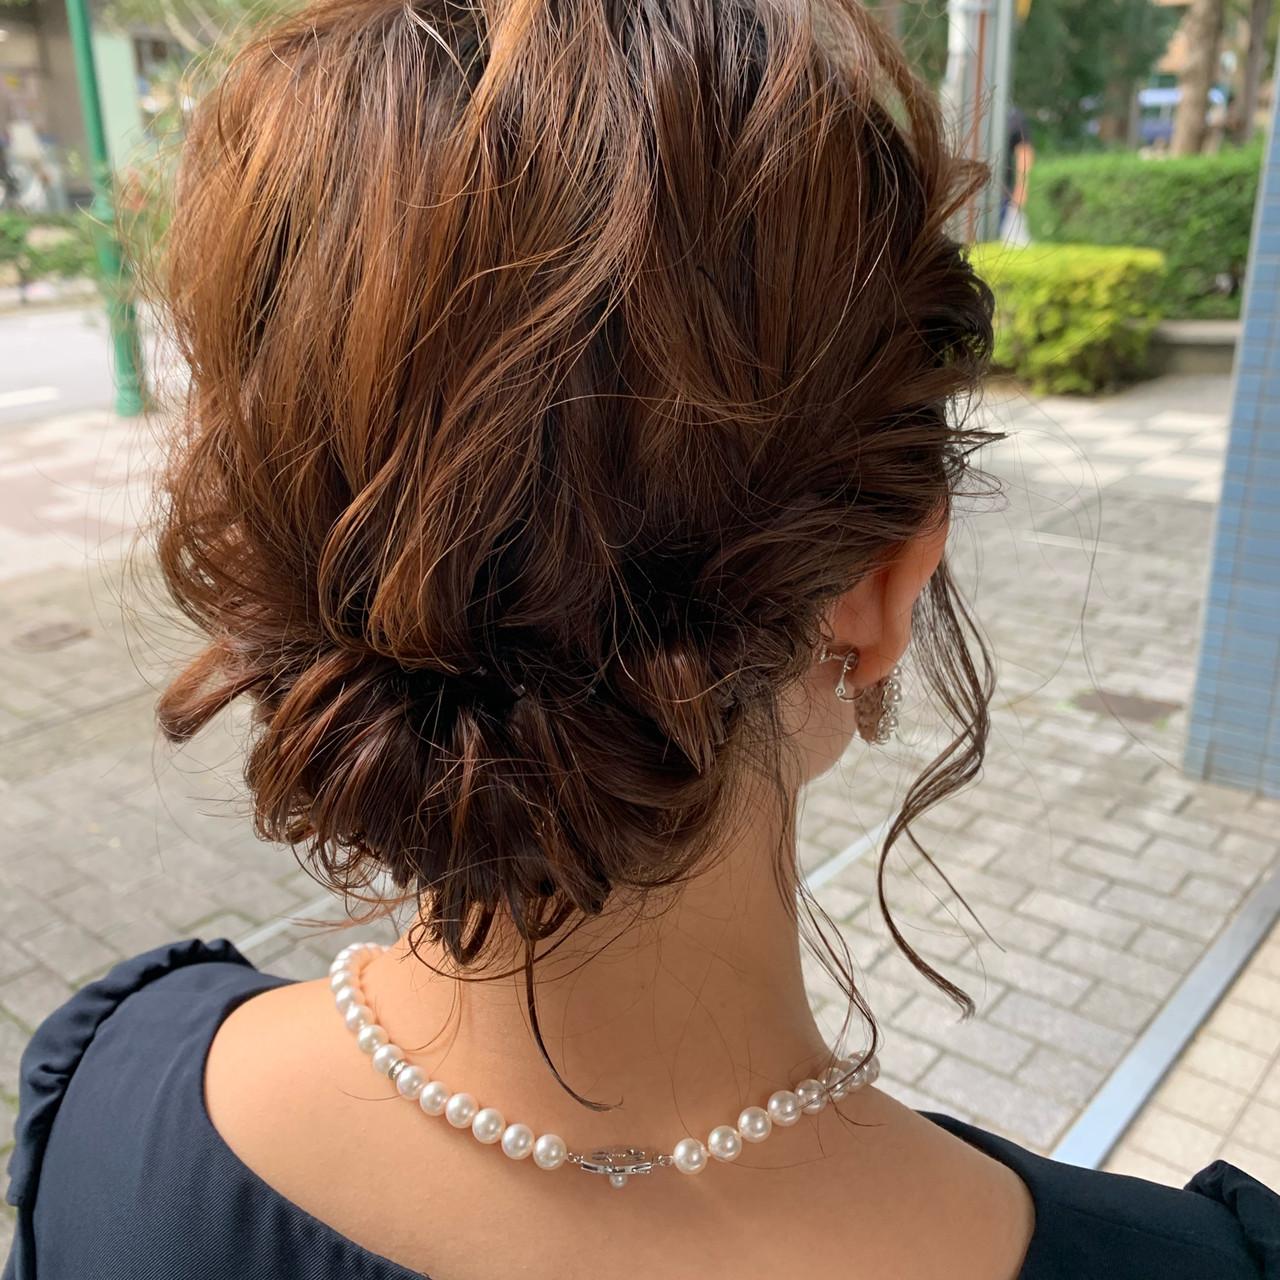 ヘアアレンジ ナチュラル 簡単スタイリング ミディアム ヘアスタイルや髪型の写真・画像